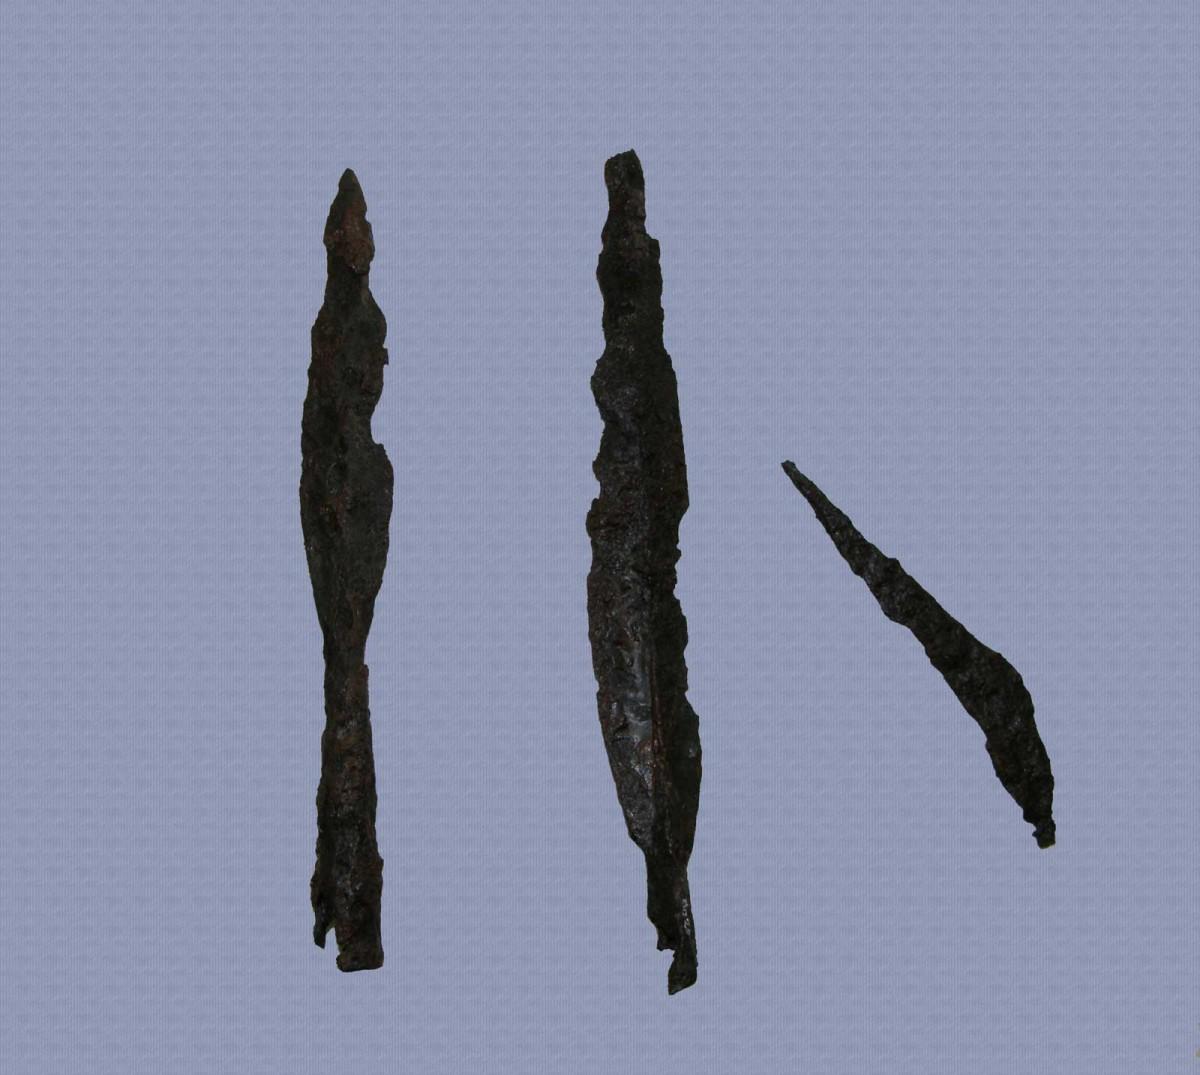 Εικ. 2. Σιδερένια όπλα από τα Άγναντα. Αρχείο ΛΓ΄ ΕΠΚΑ.